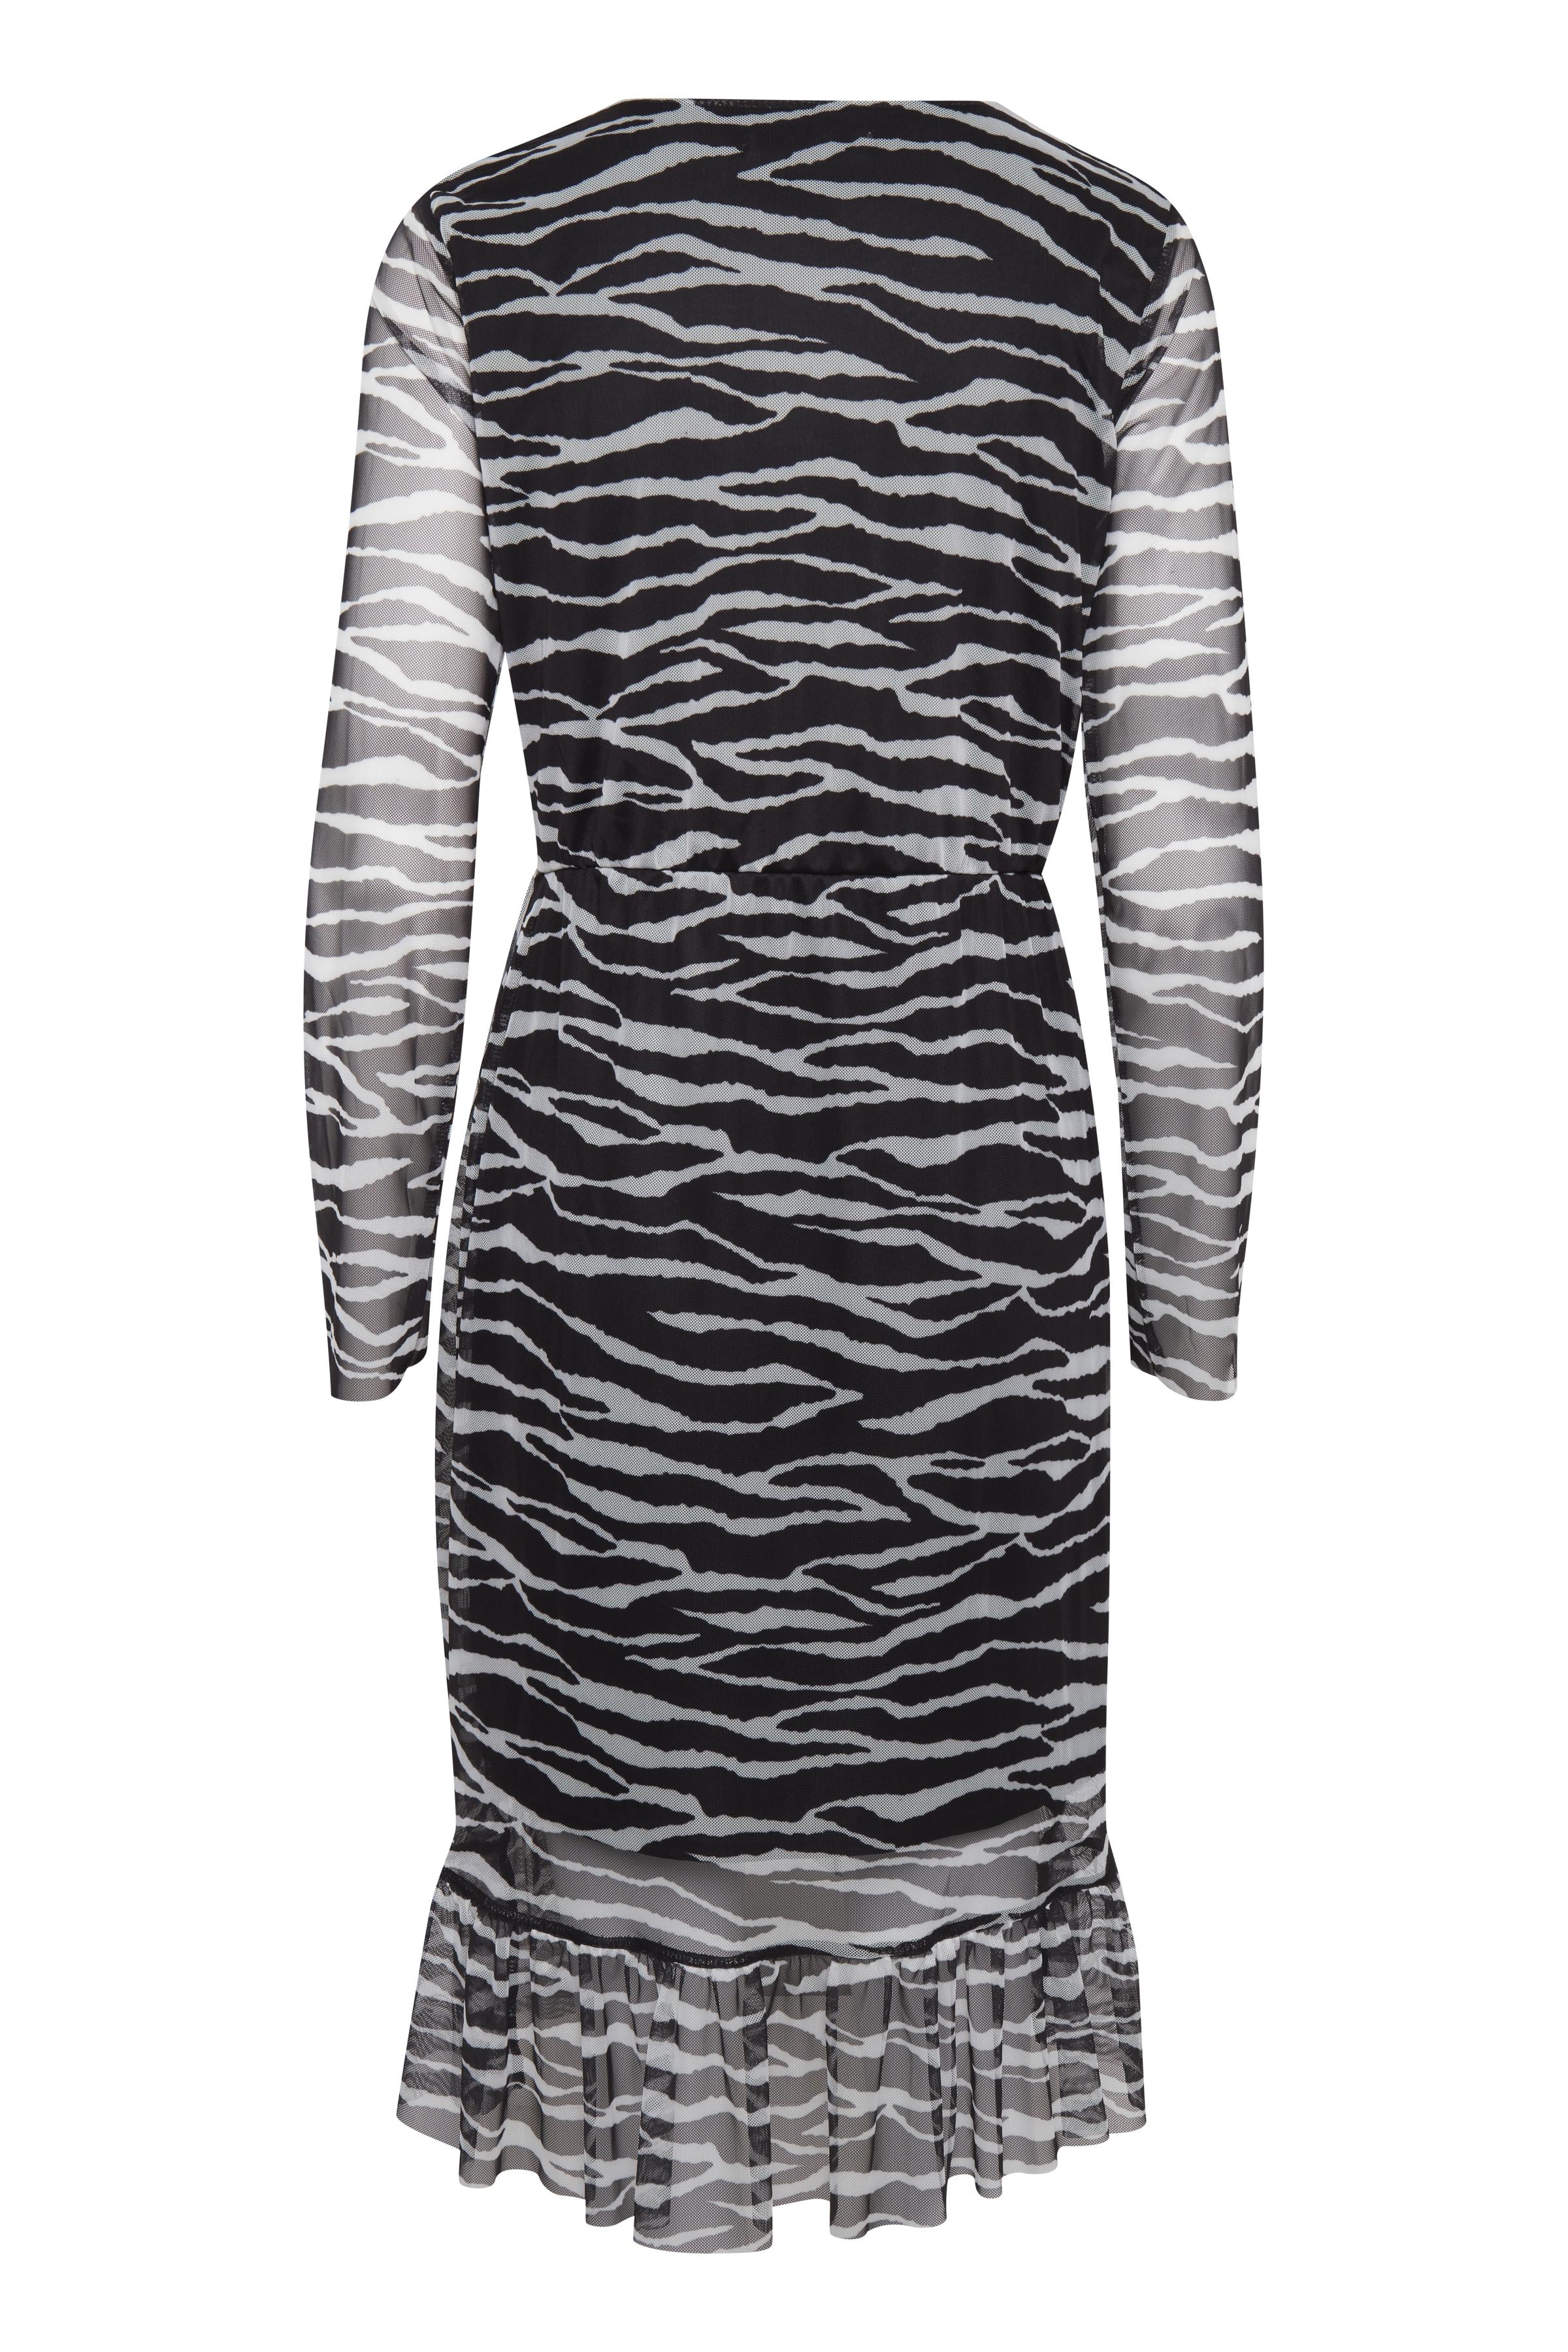 Zebra combi 1 Jerseykleid von b.young – Kaufen Sie Zebra combi 1 Jerseykleid aus Größe XS-XL hier